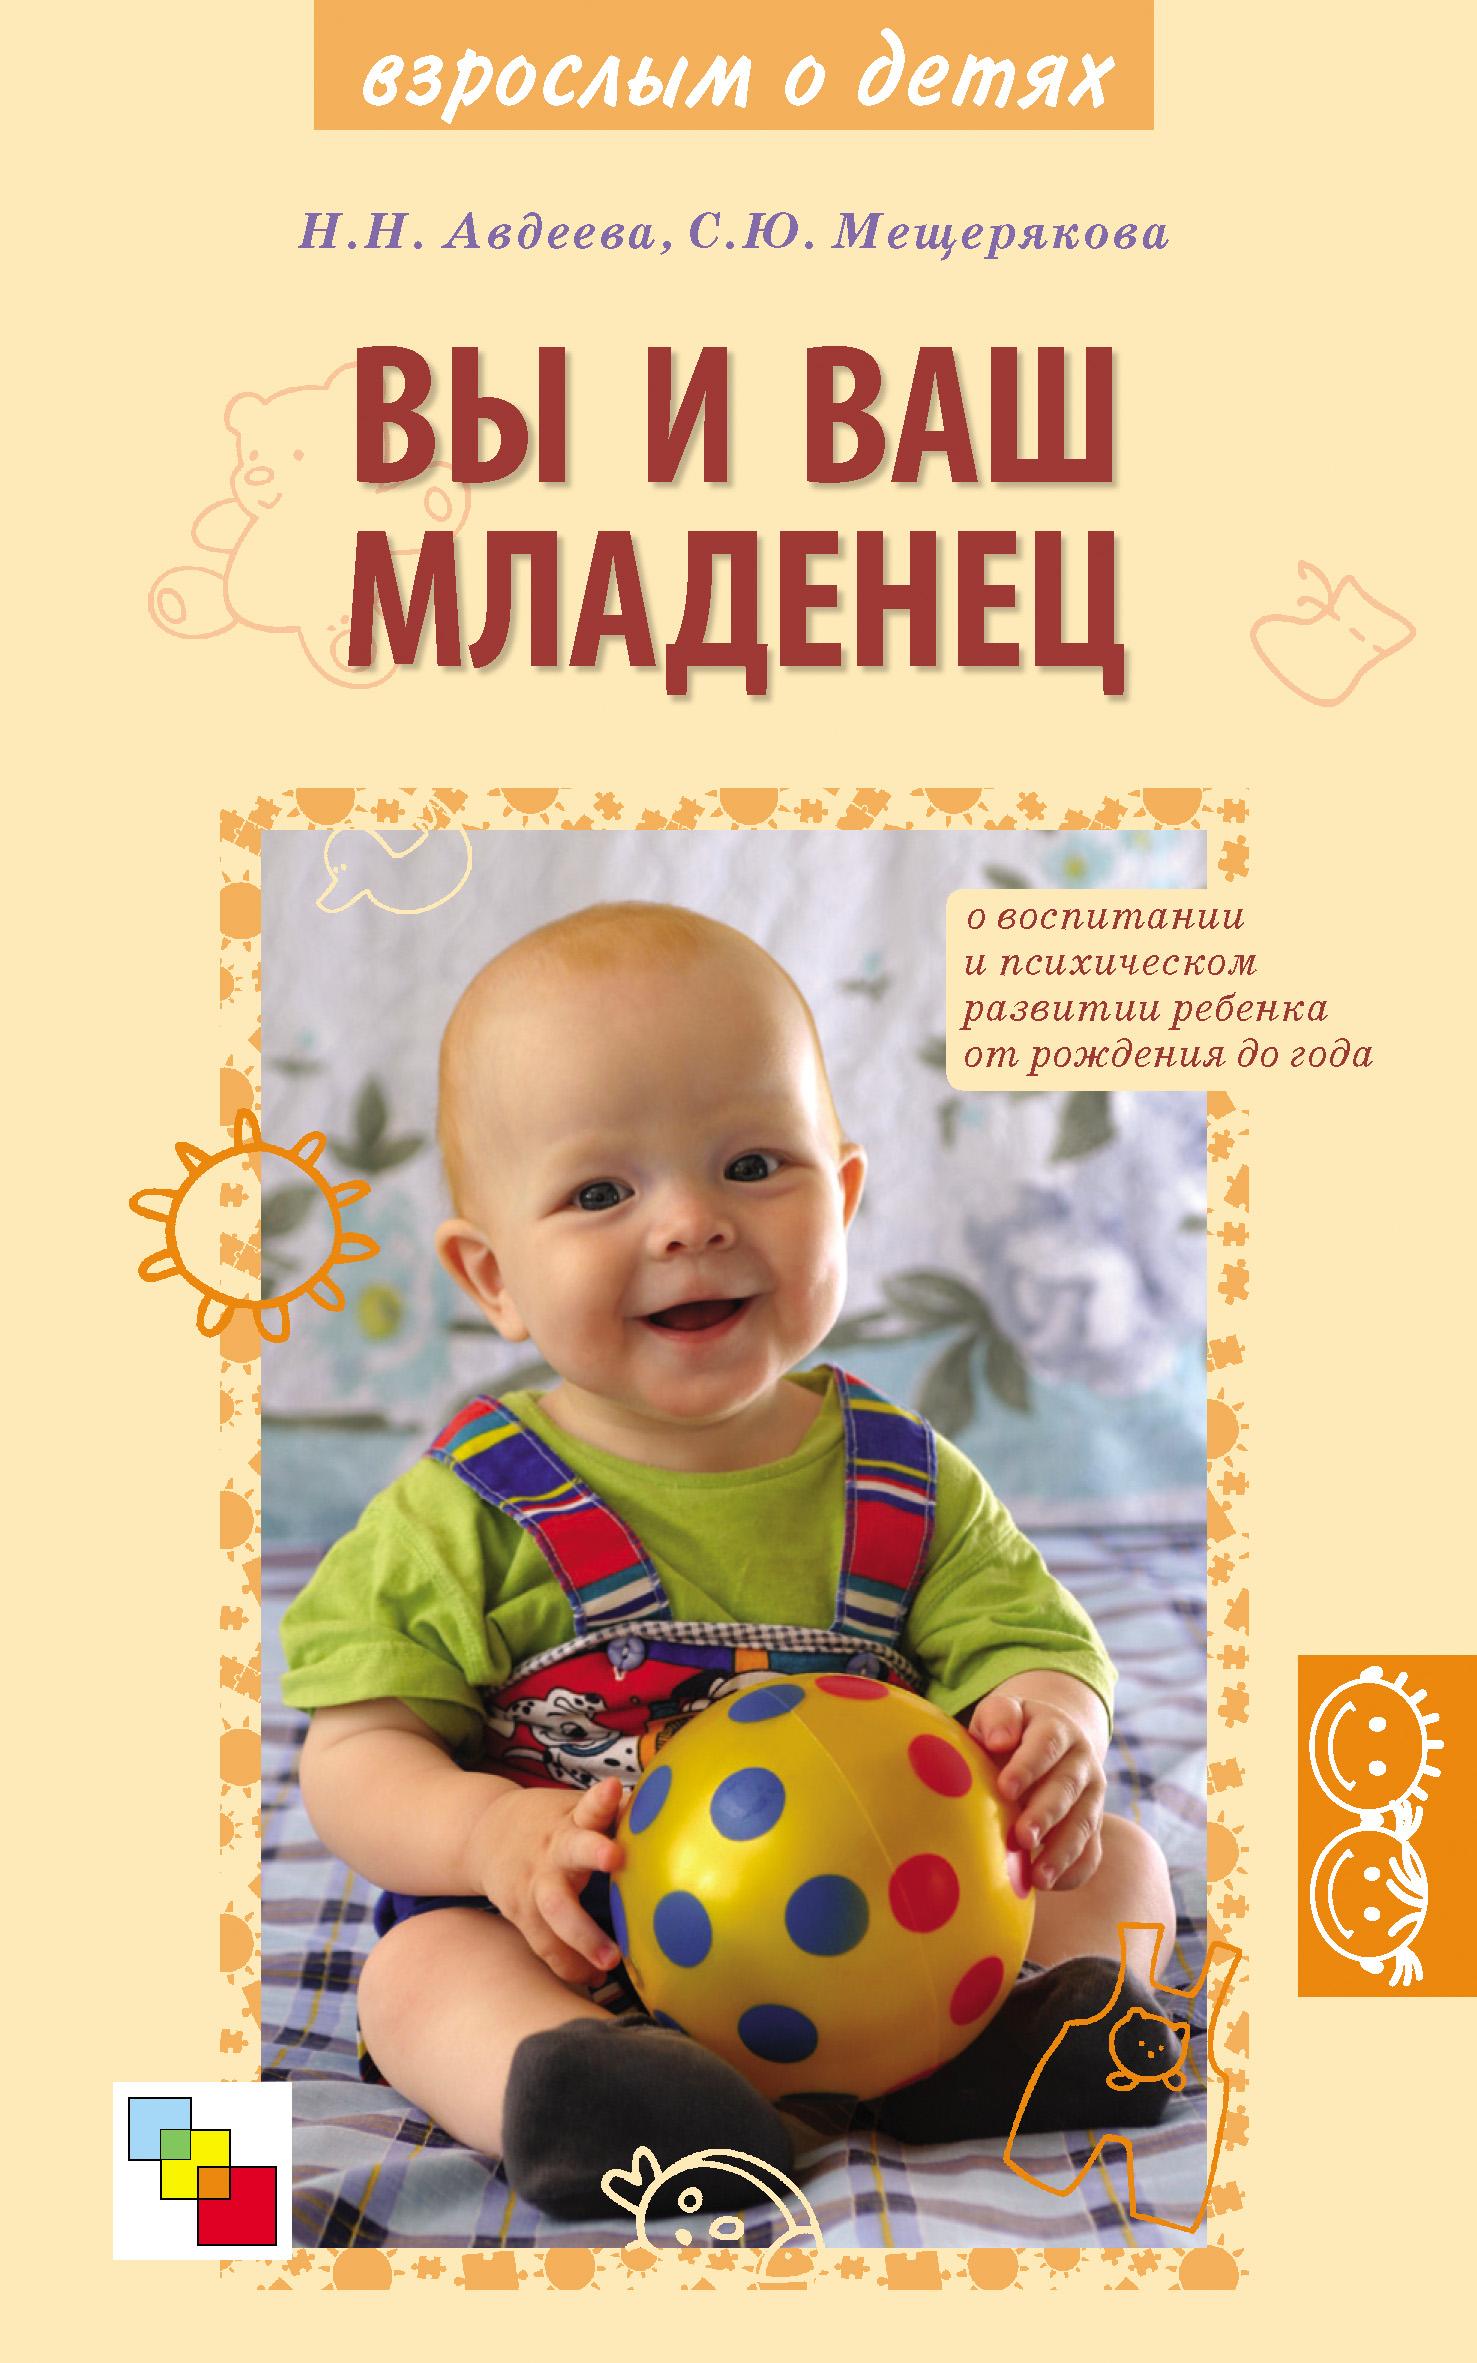 С. Ю. Мещерякова Вы и ваш младенец. О воспитании и психическом развитии ребенка от рождения до года